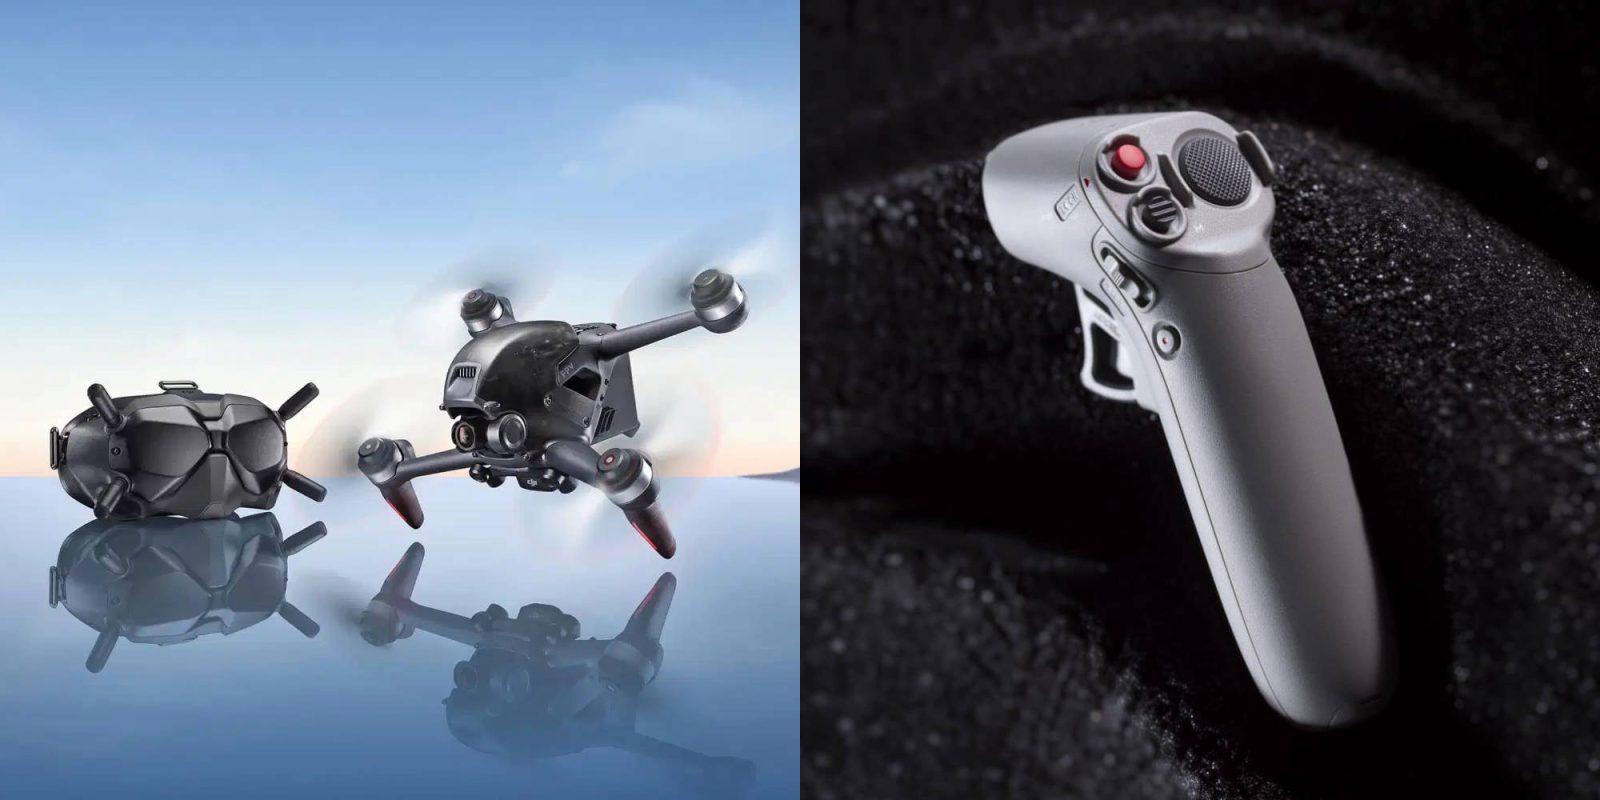 DJI FPV Drone có thêm một bộ chuyển động điều khiển Motion Controller